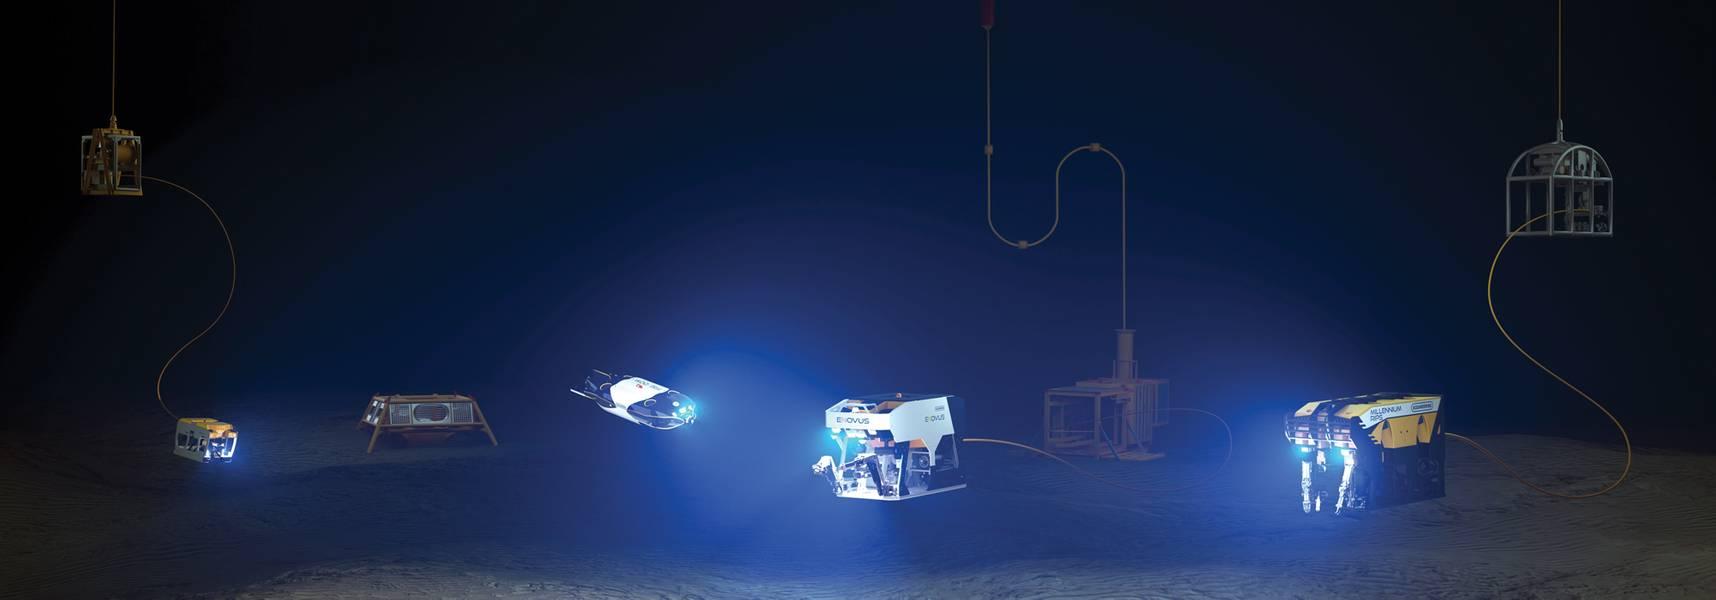 A linha de ROV da Oceaneering com veículos da próxima geração Freedom e E-ROV incluídos. Cortesia da Oceaneering International